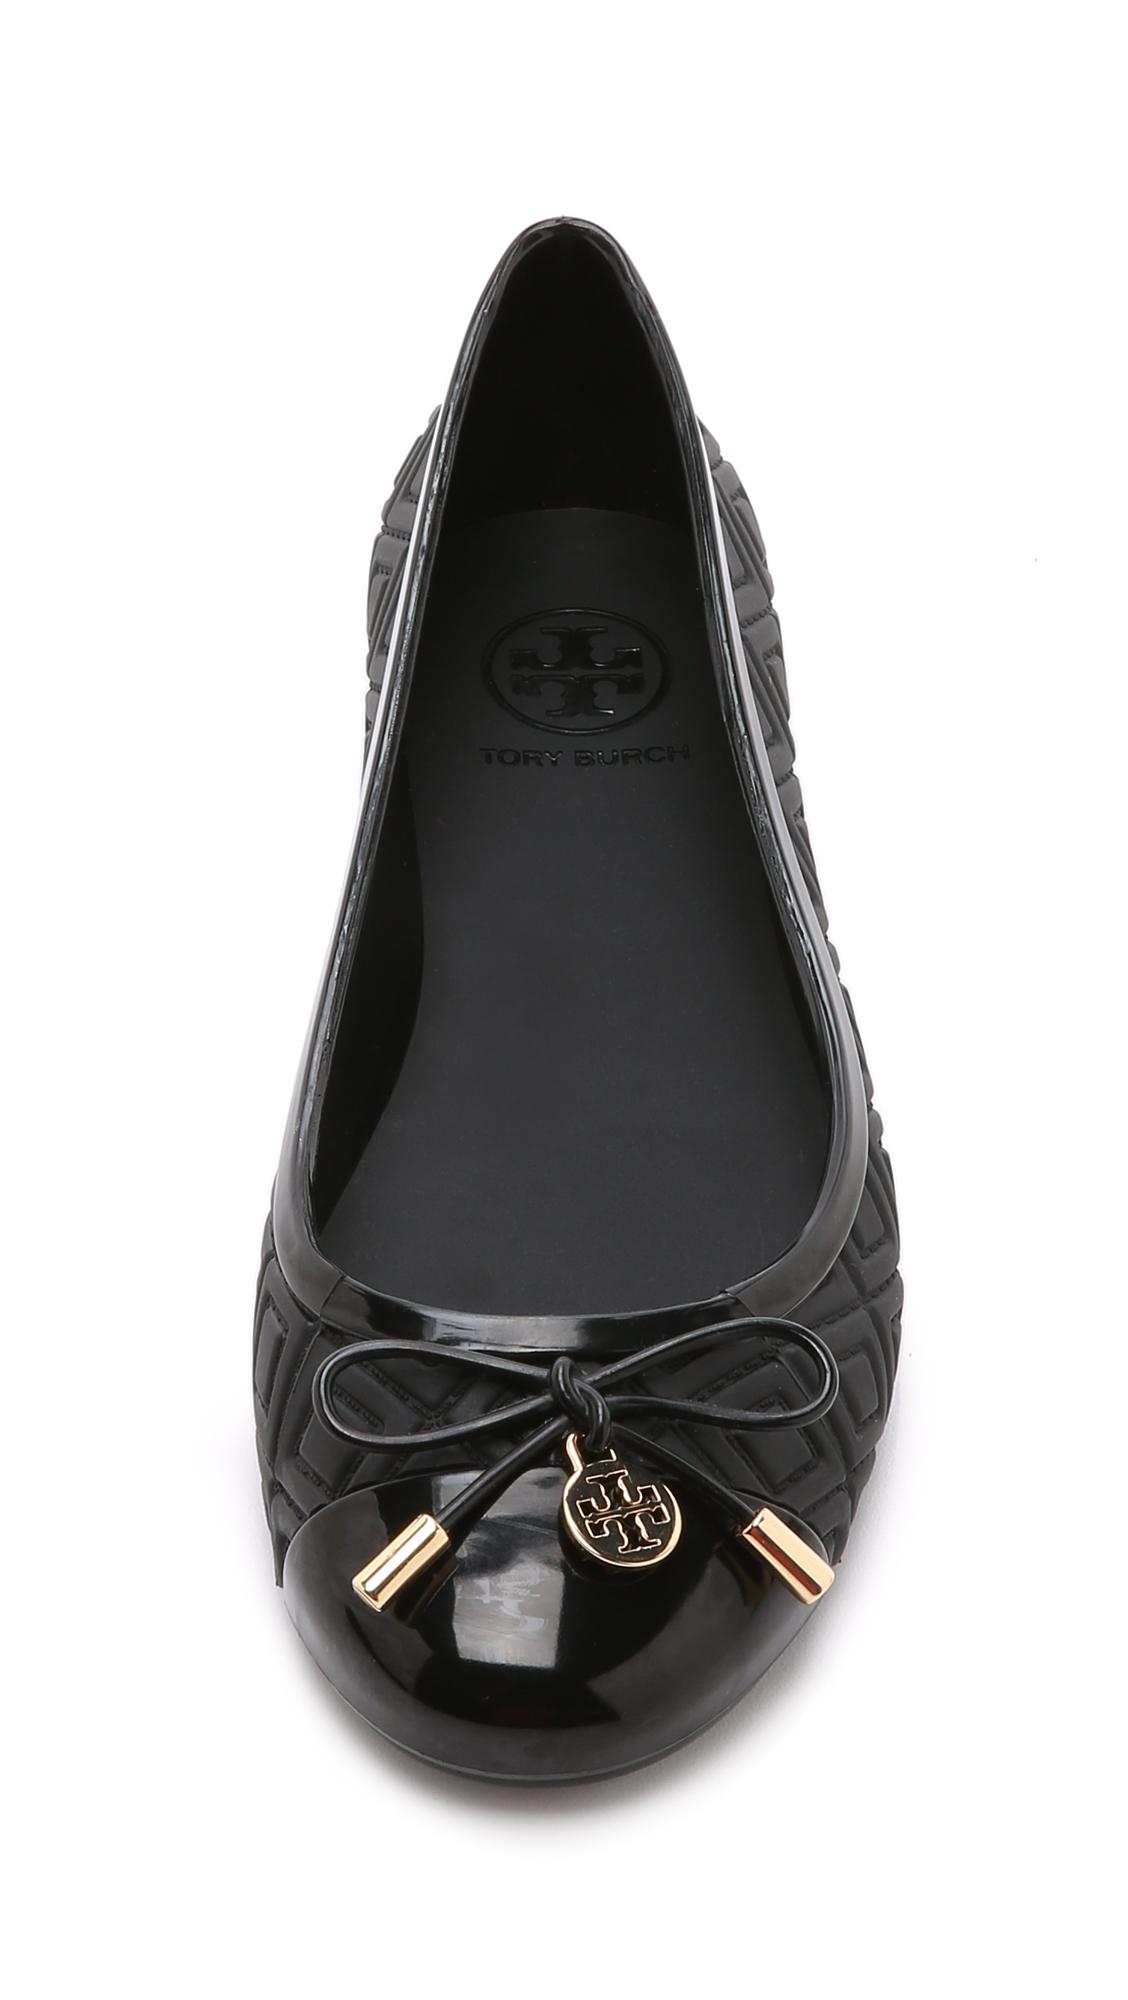 9f29ed741 ... closeout lyst tory burch jelly ballet flats black in black cbf0e bf16e